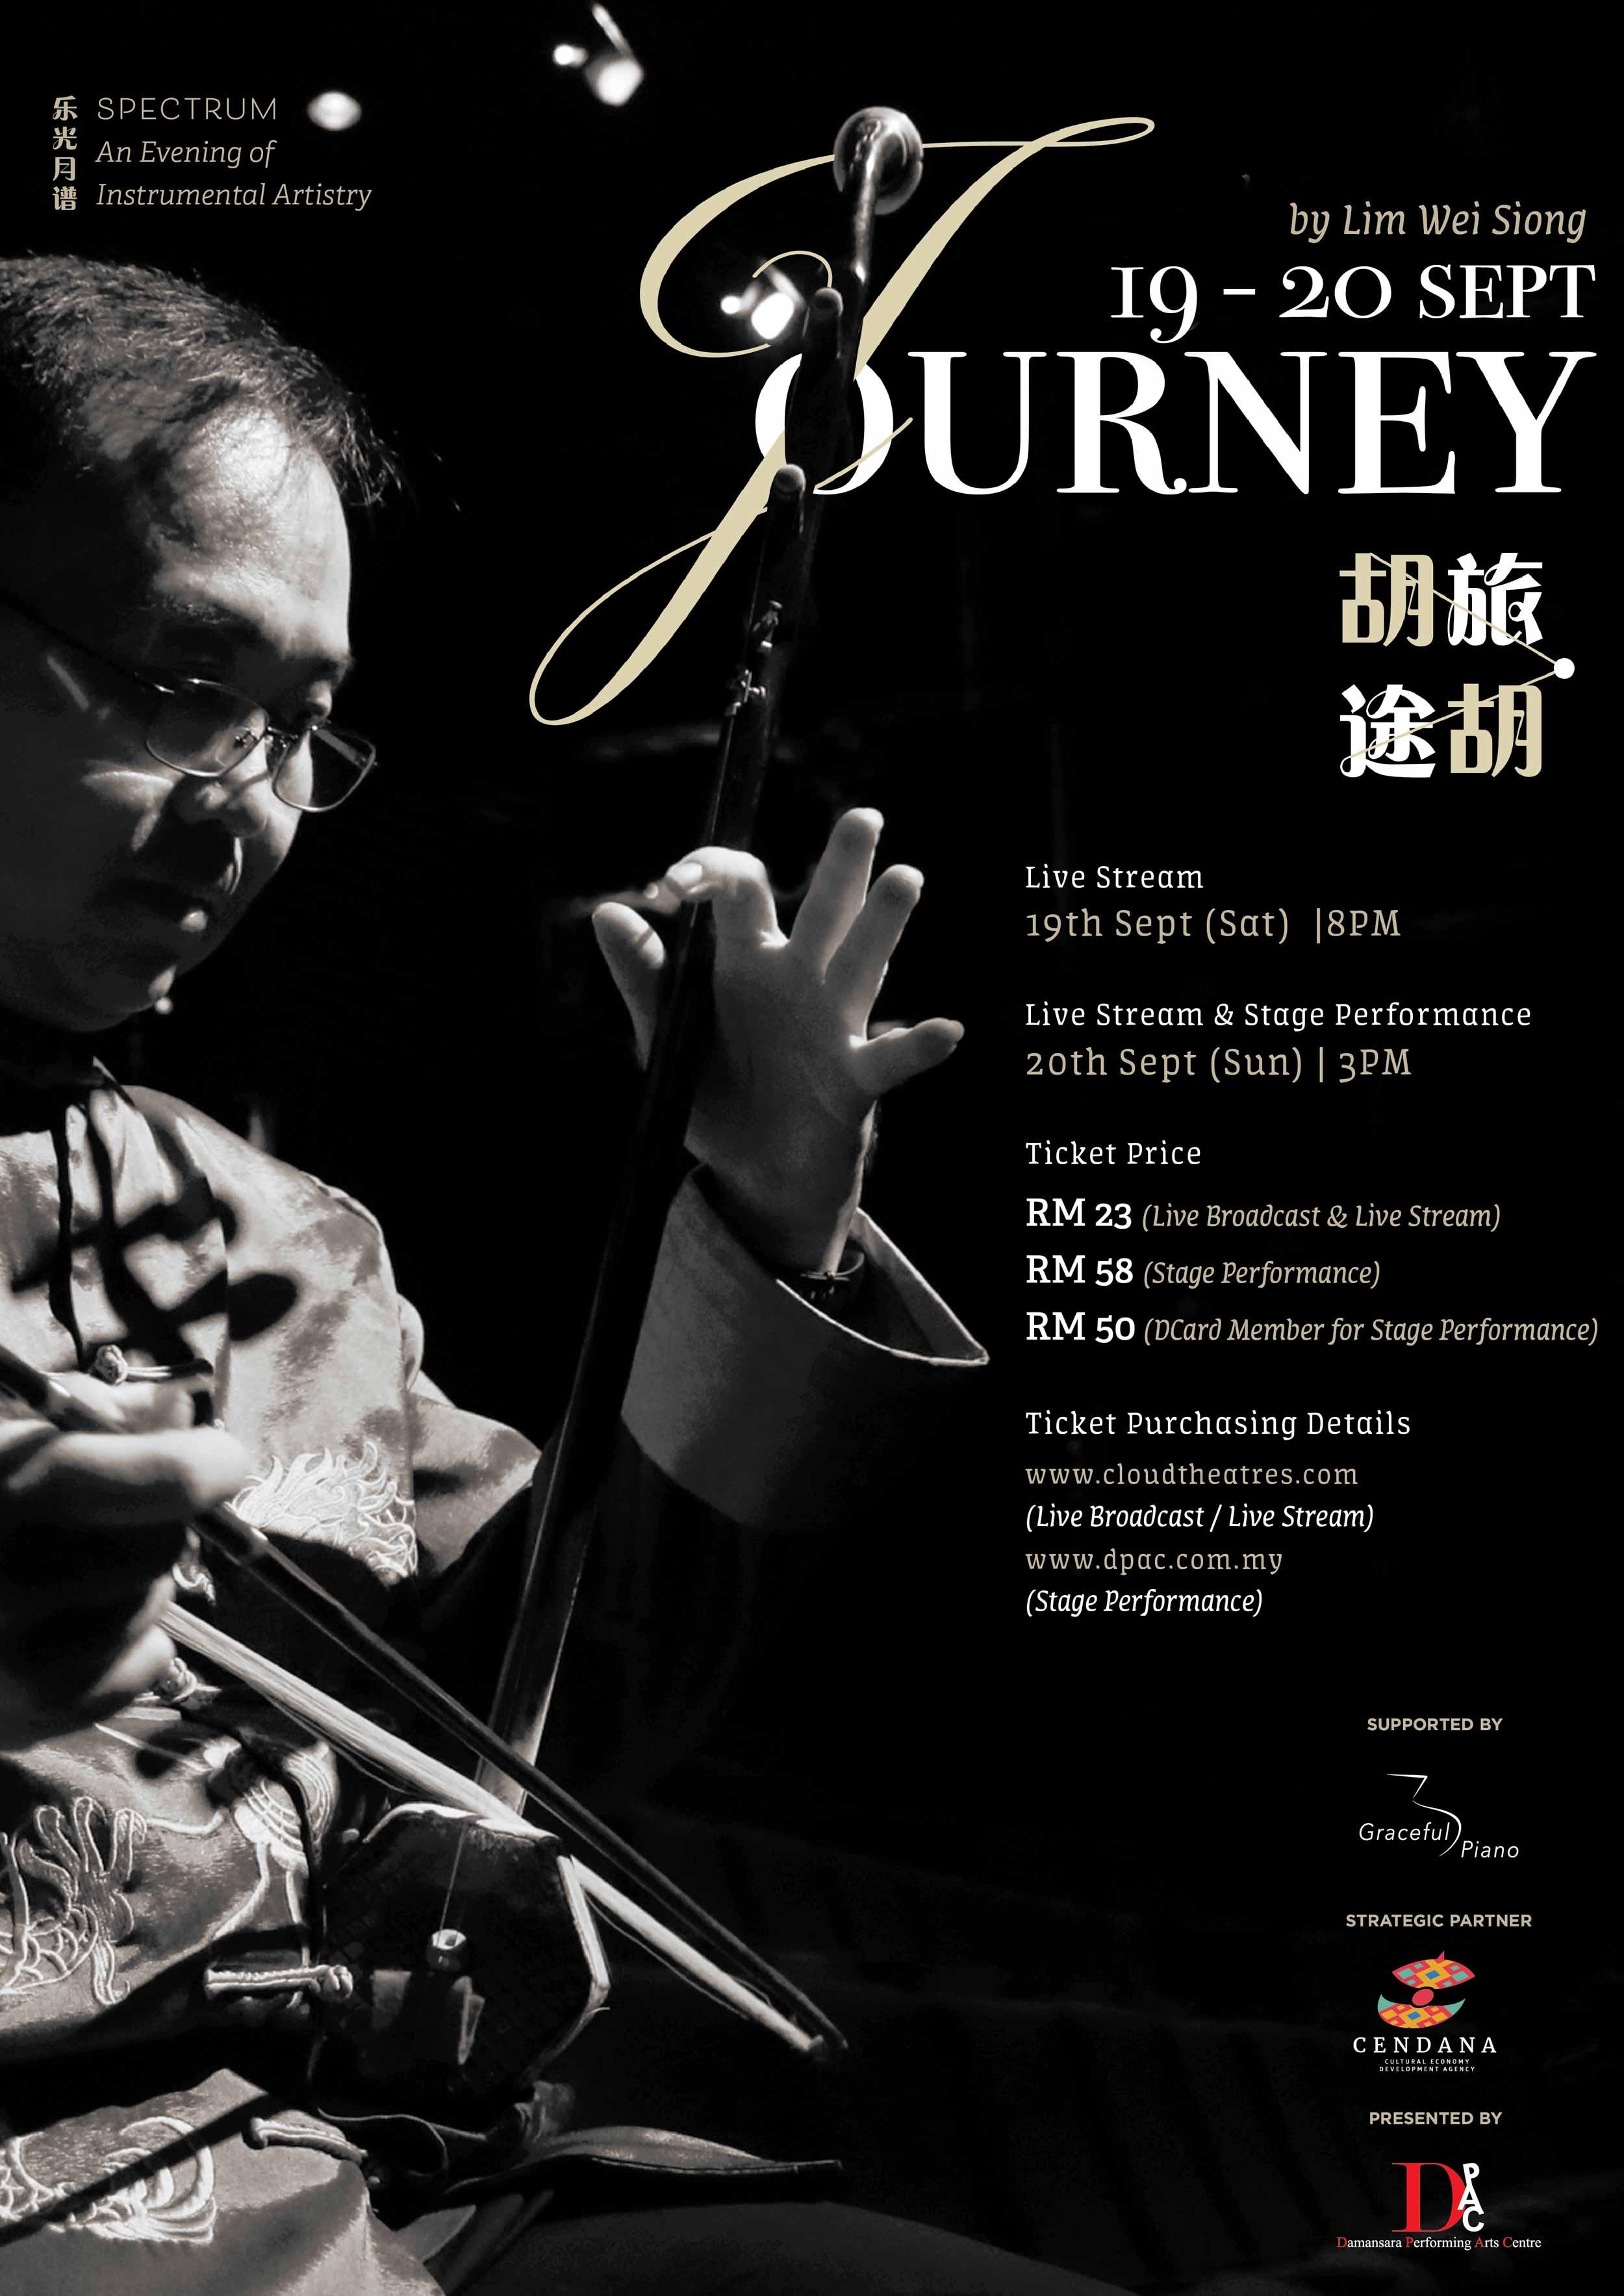 乐光·月谱 Spectrum - Journey 胡旅.胡途